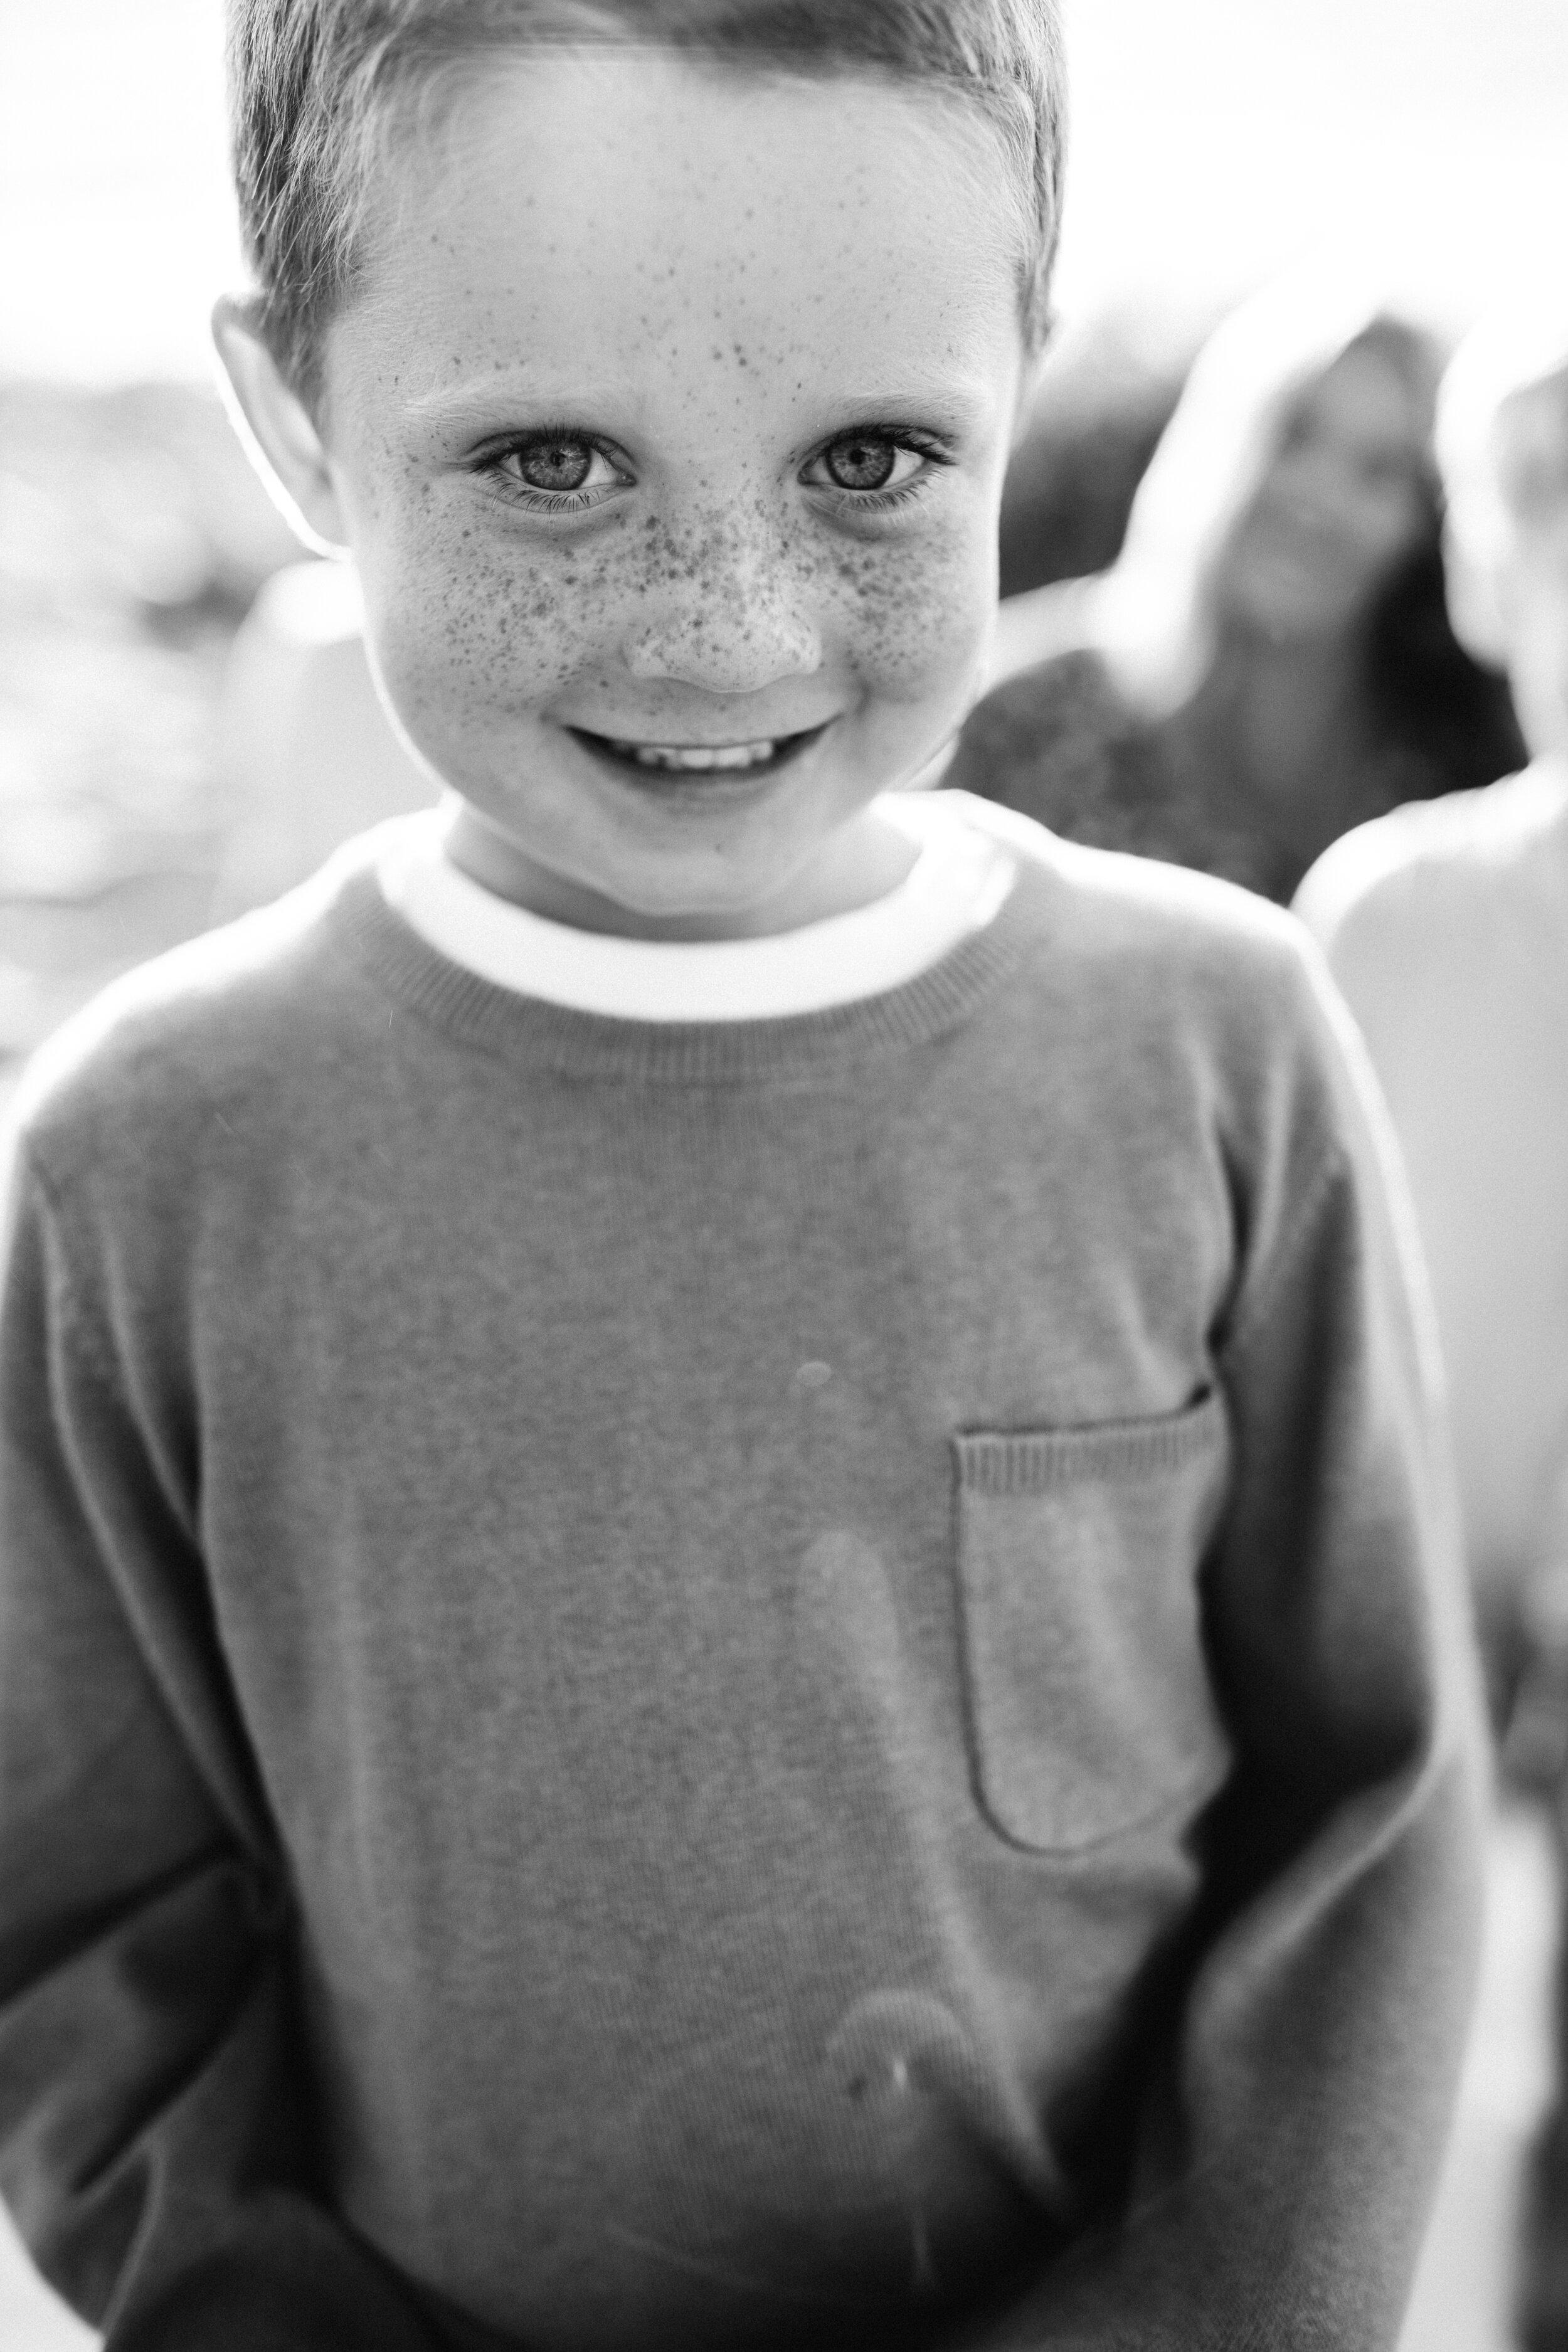 son smiling at camera - Lindsay Petty Photography